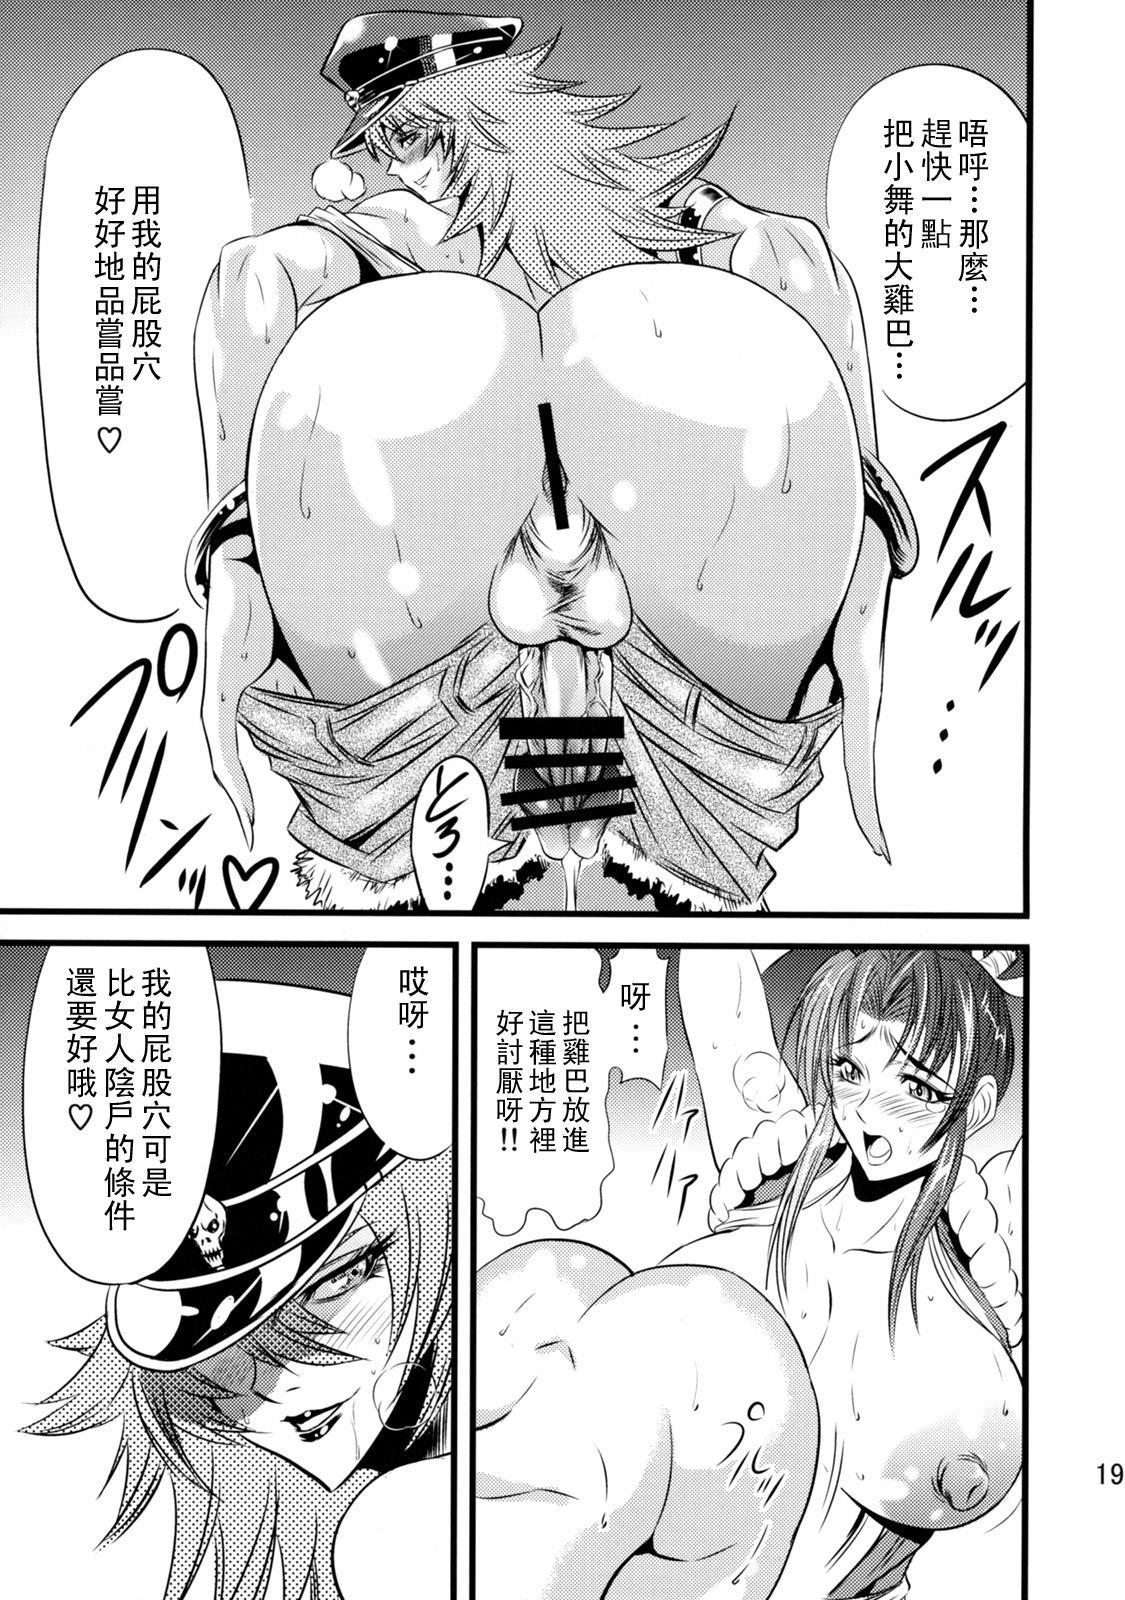 Futa-Mai Seisakujou 19